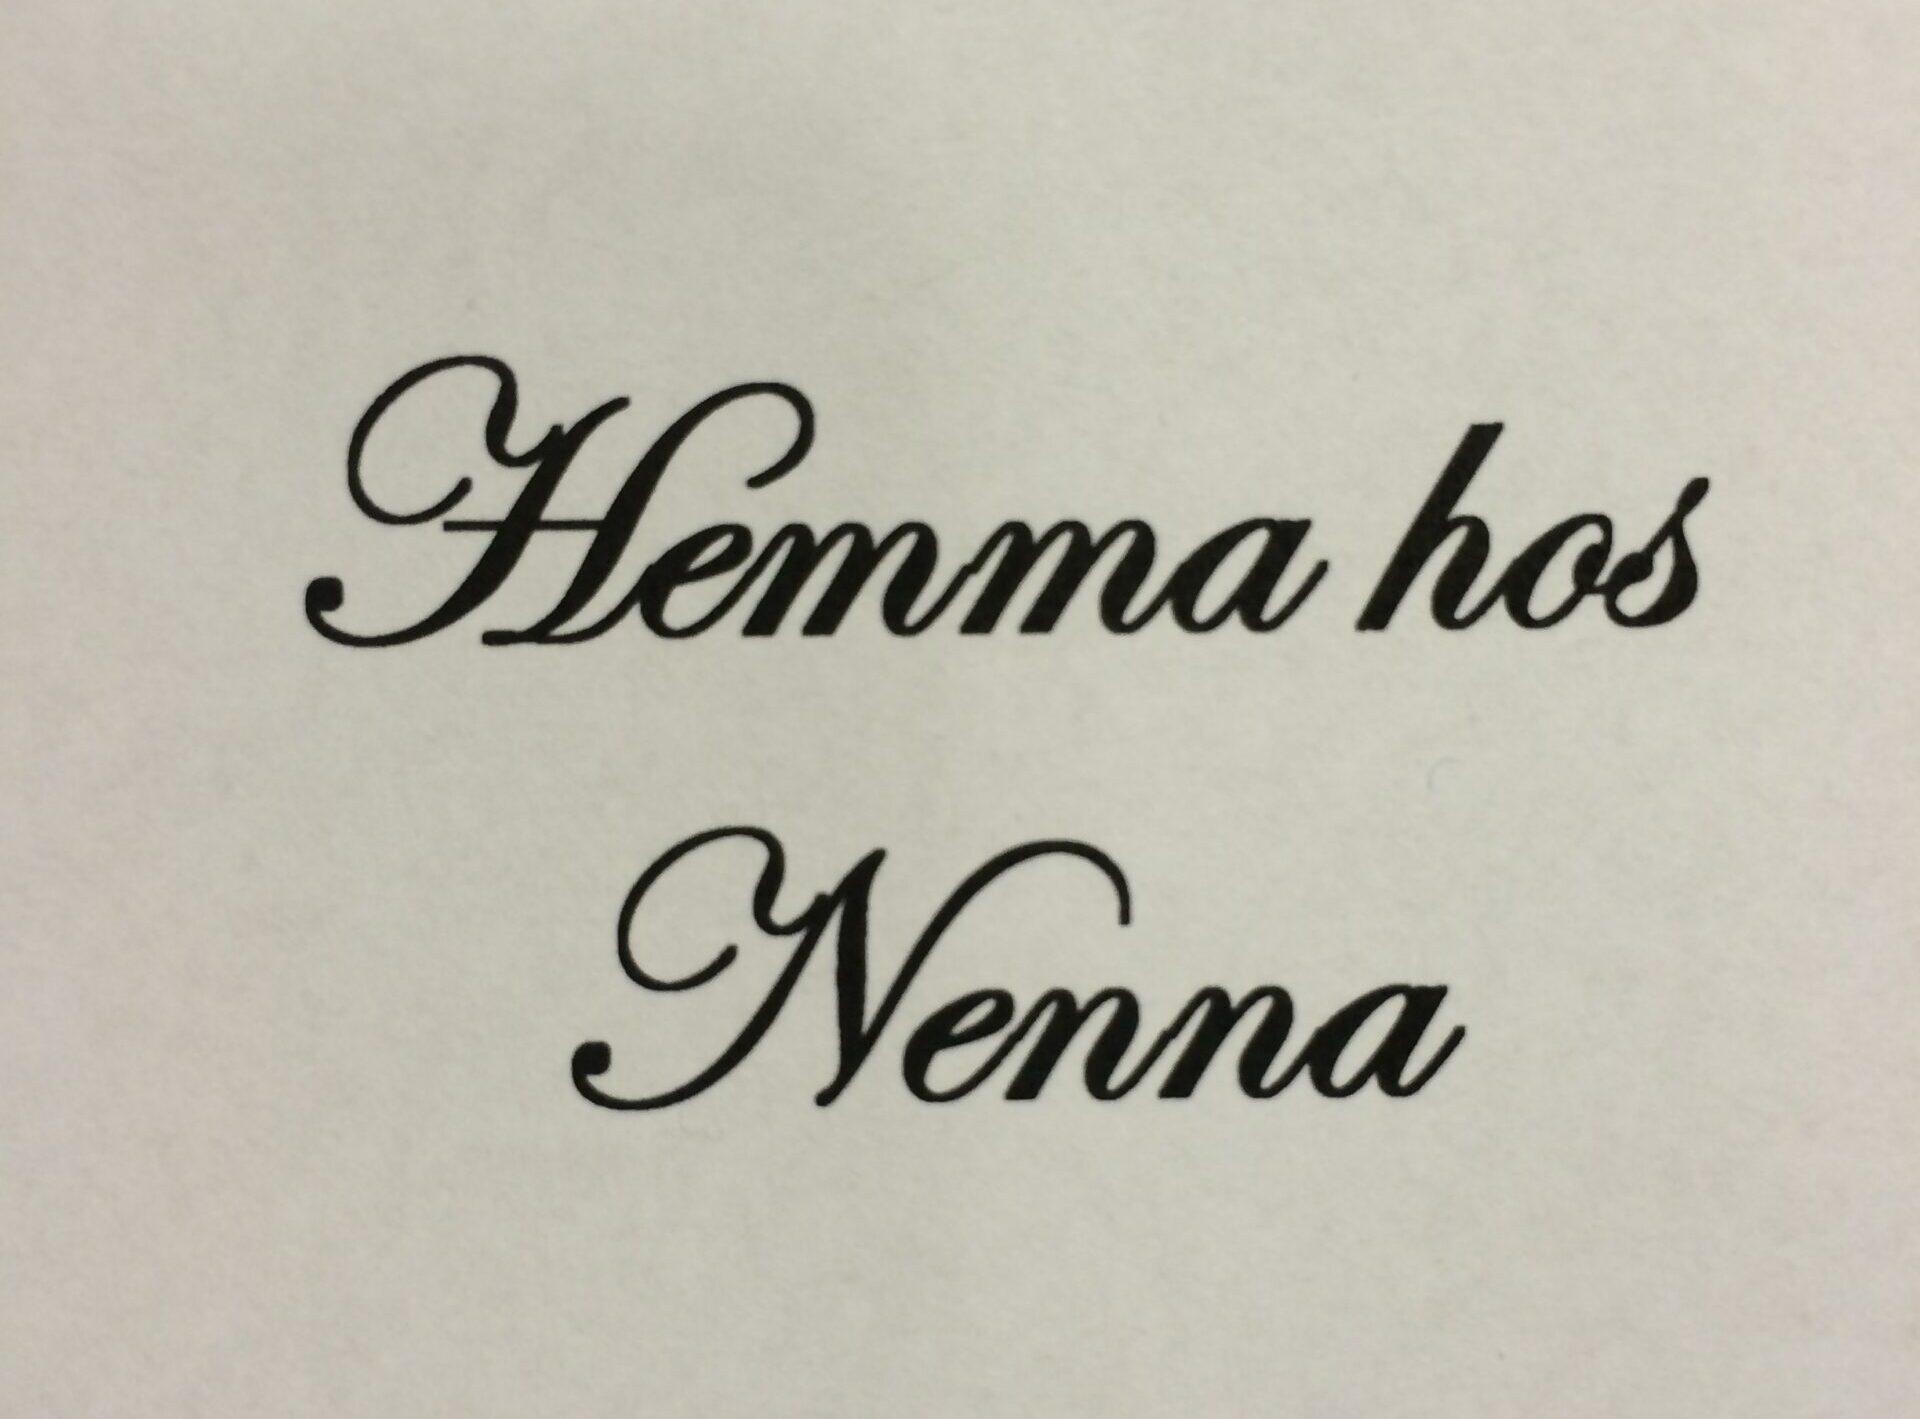 Hemma hos Nenna